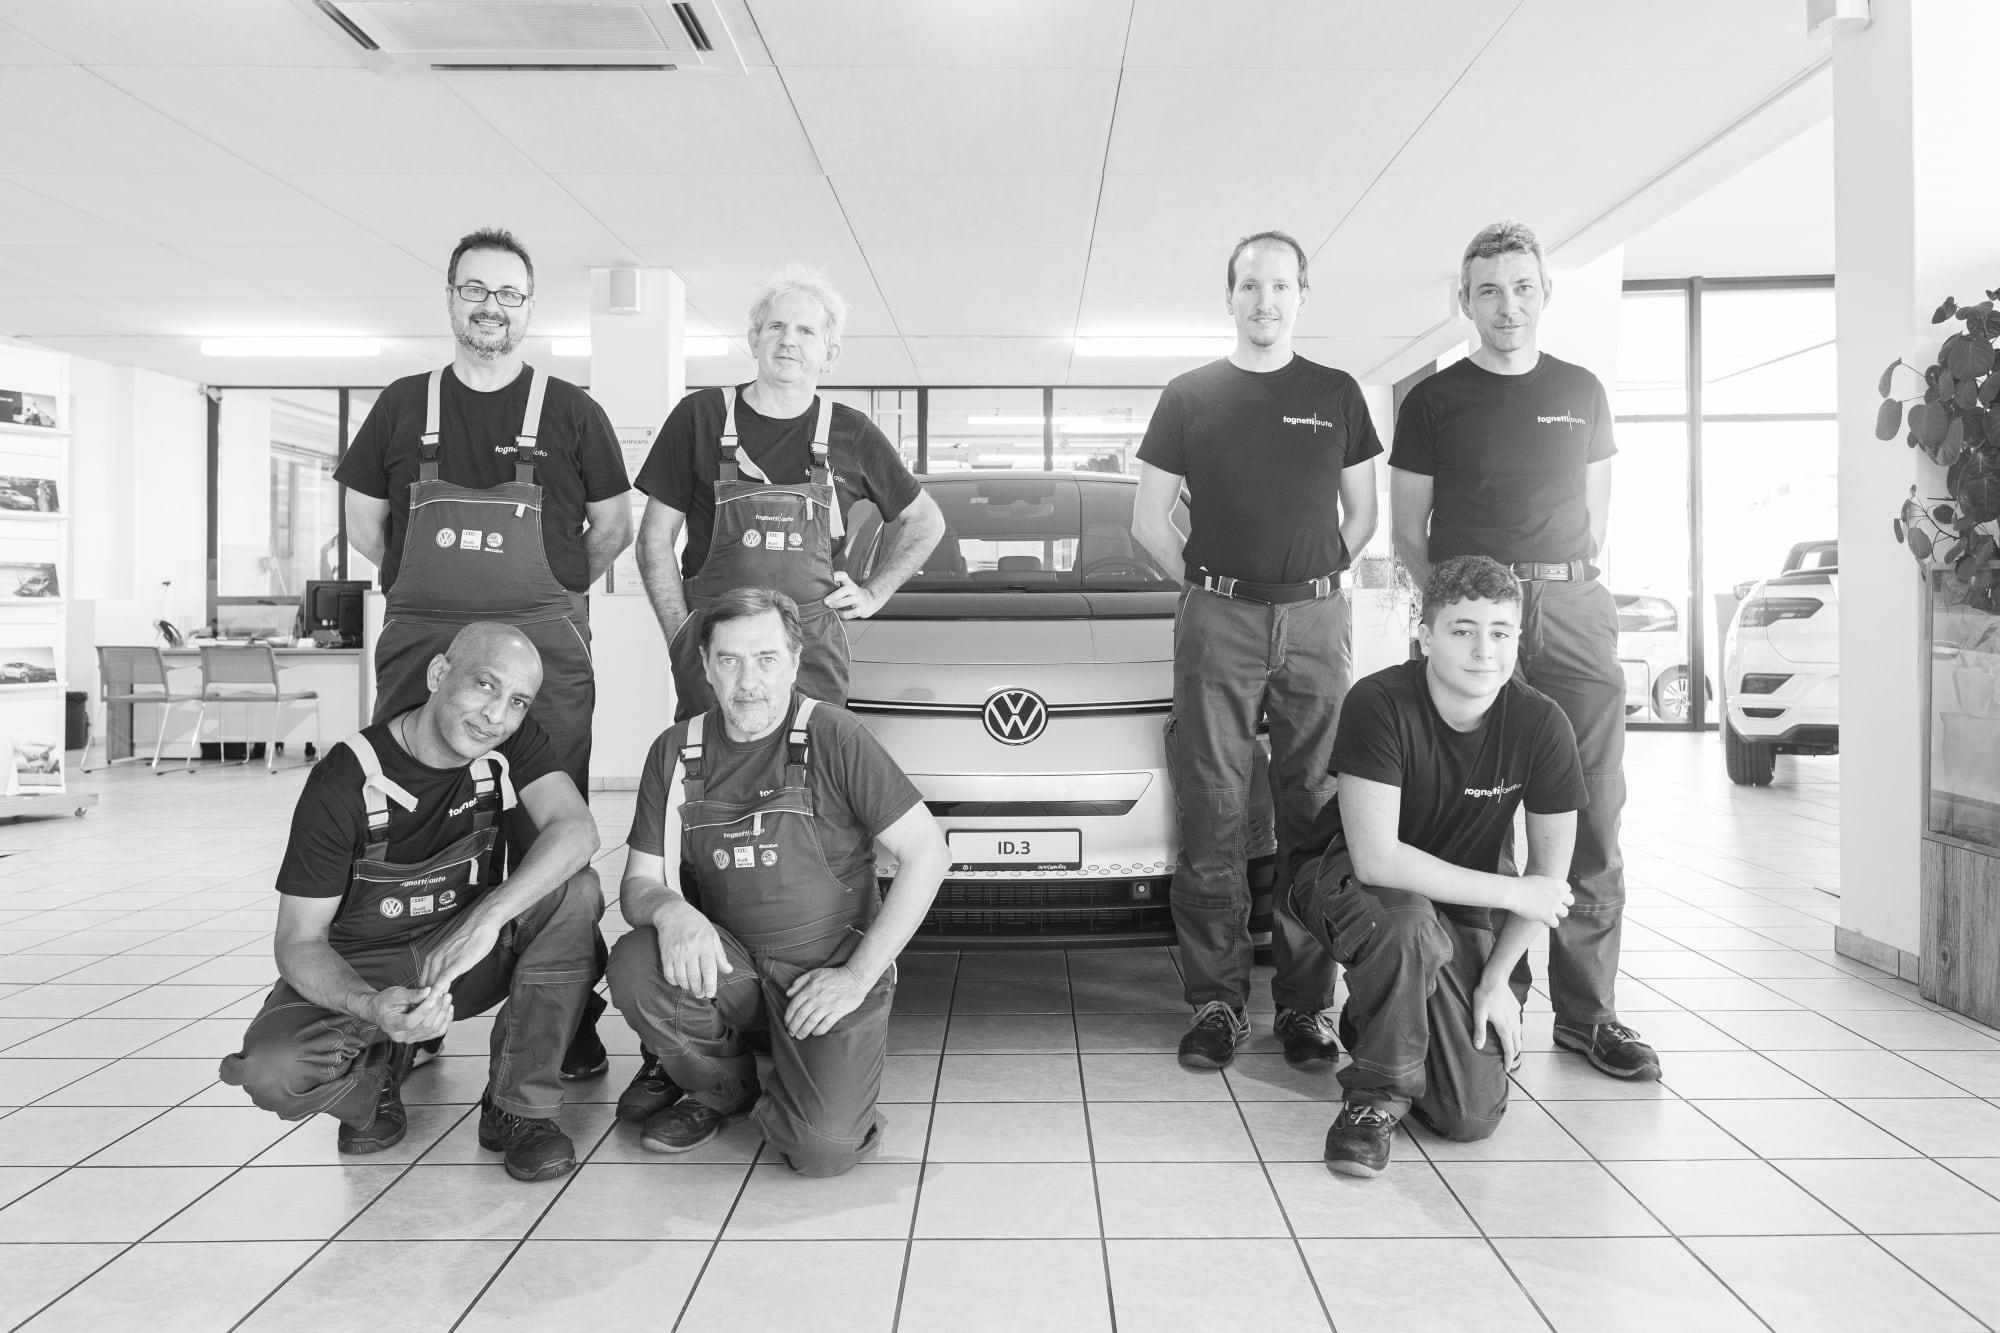 VW Ascona officina team-0908